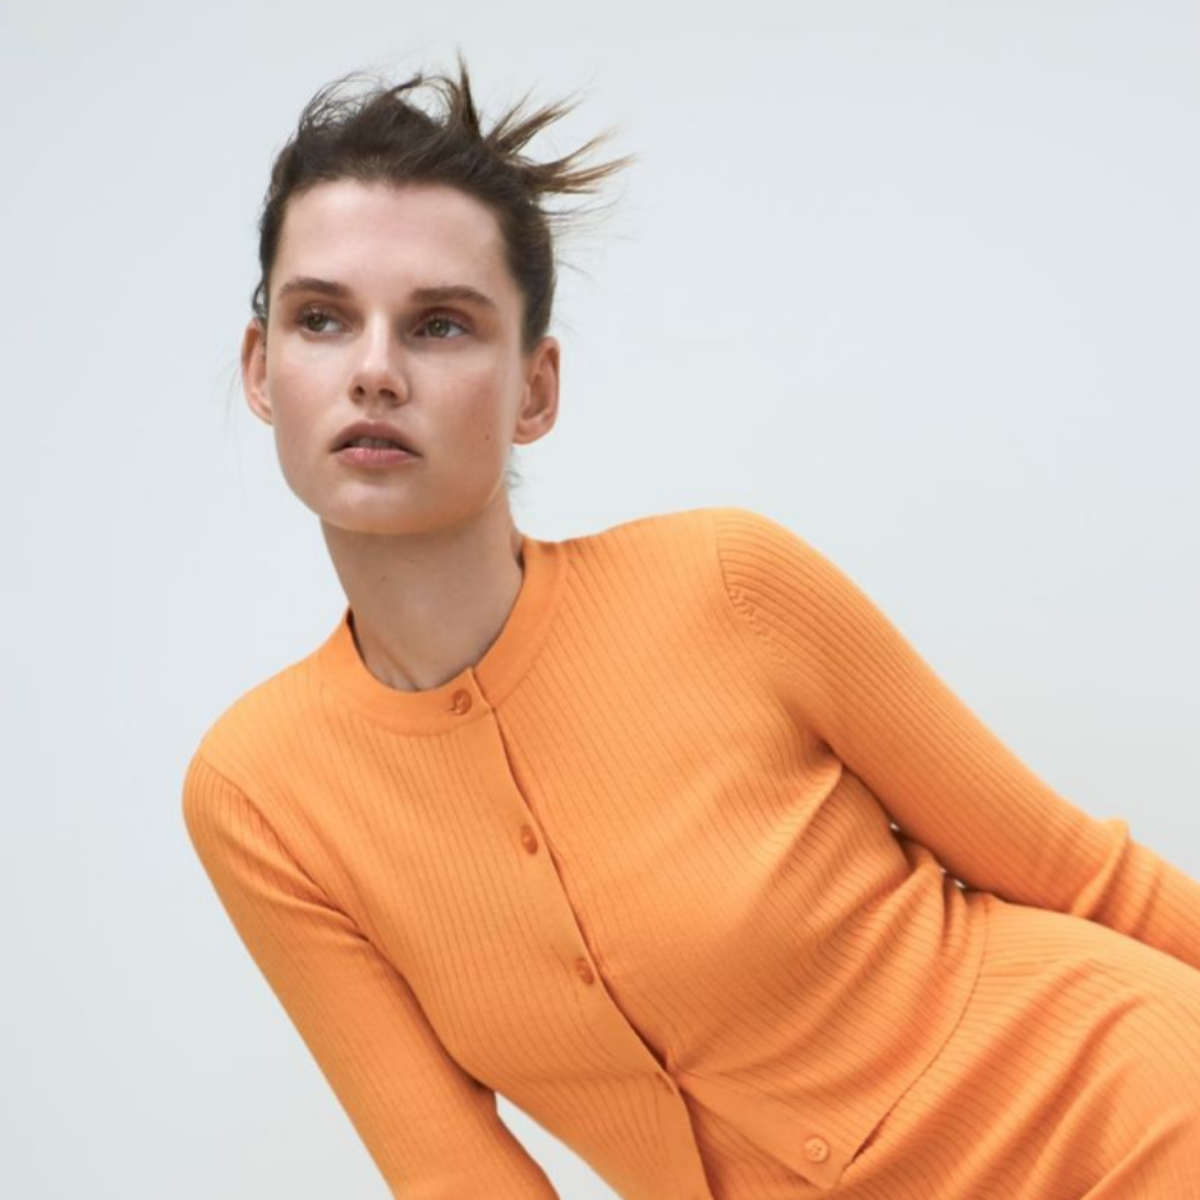 Nos encanta un moño como este de Zara, con efecto despeinado fácil y rápido de hacer.